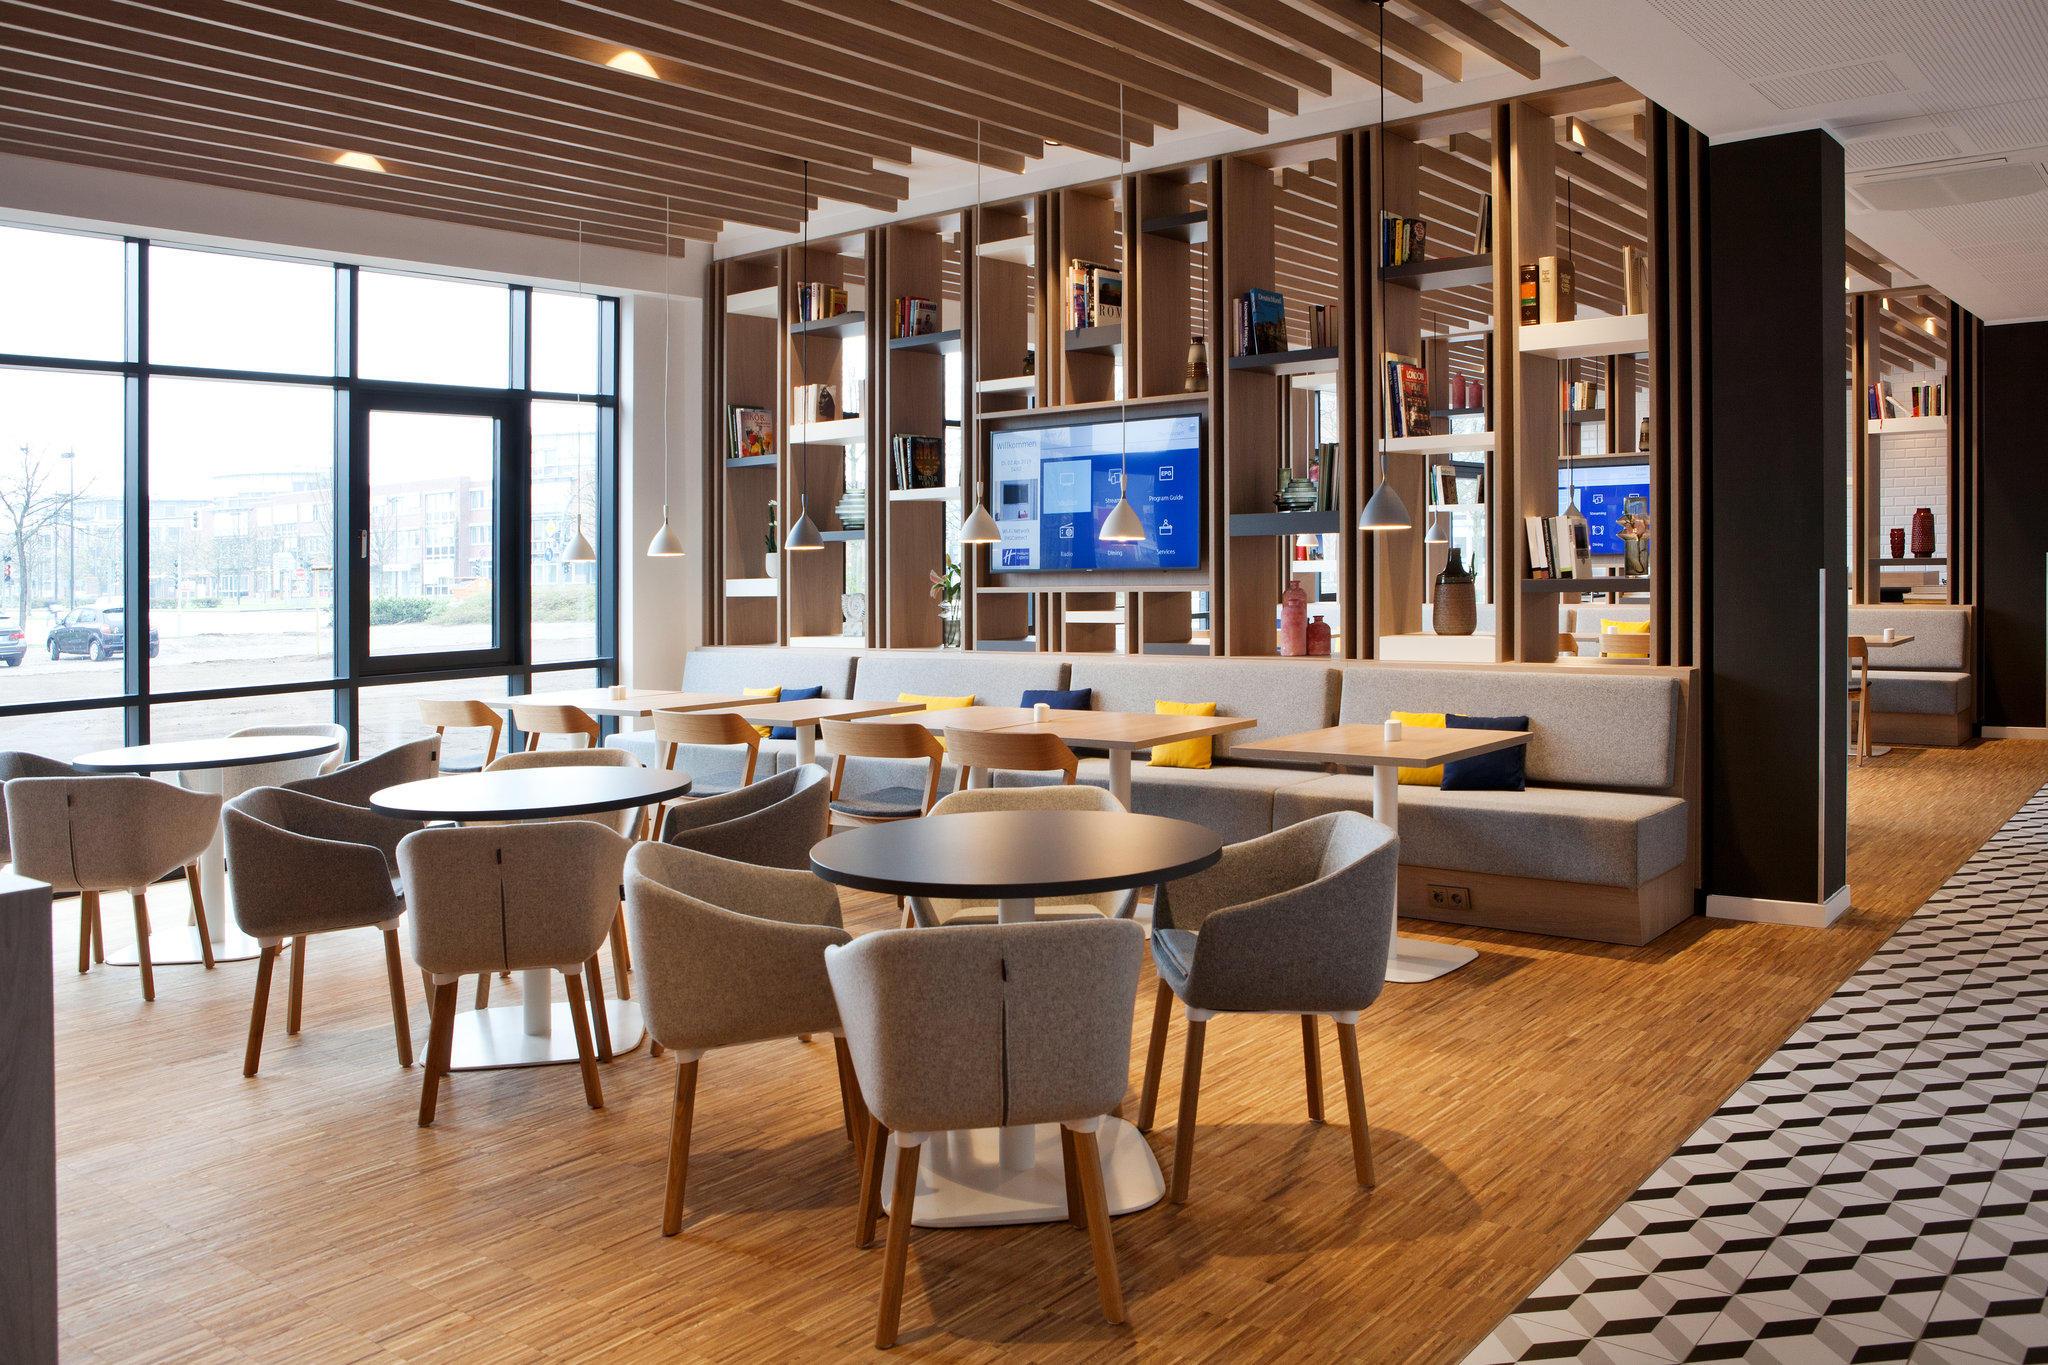 Holiday Inn Express Sindelfingen